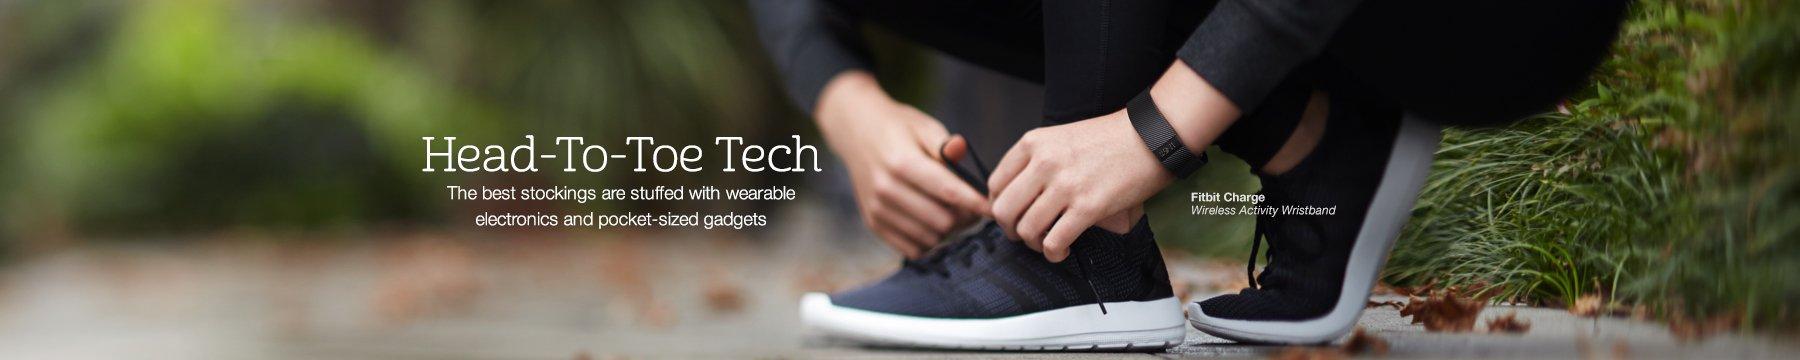 黑色星期五 海淘 智能可穿戴设备